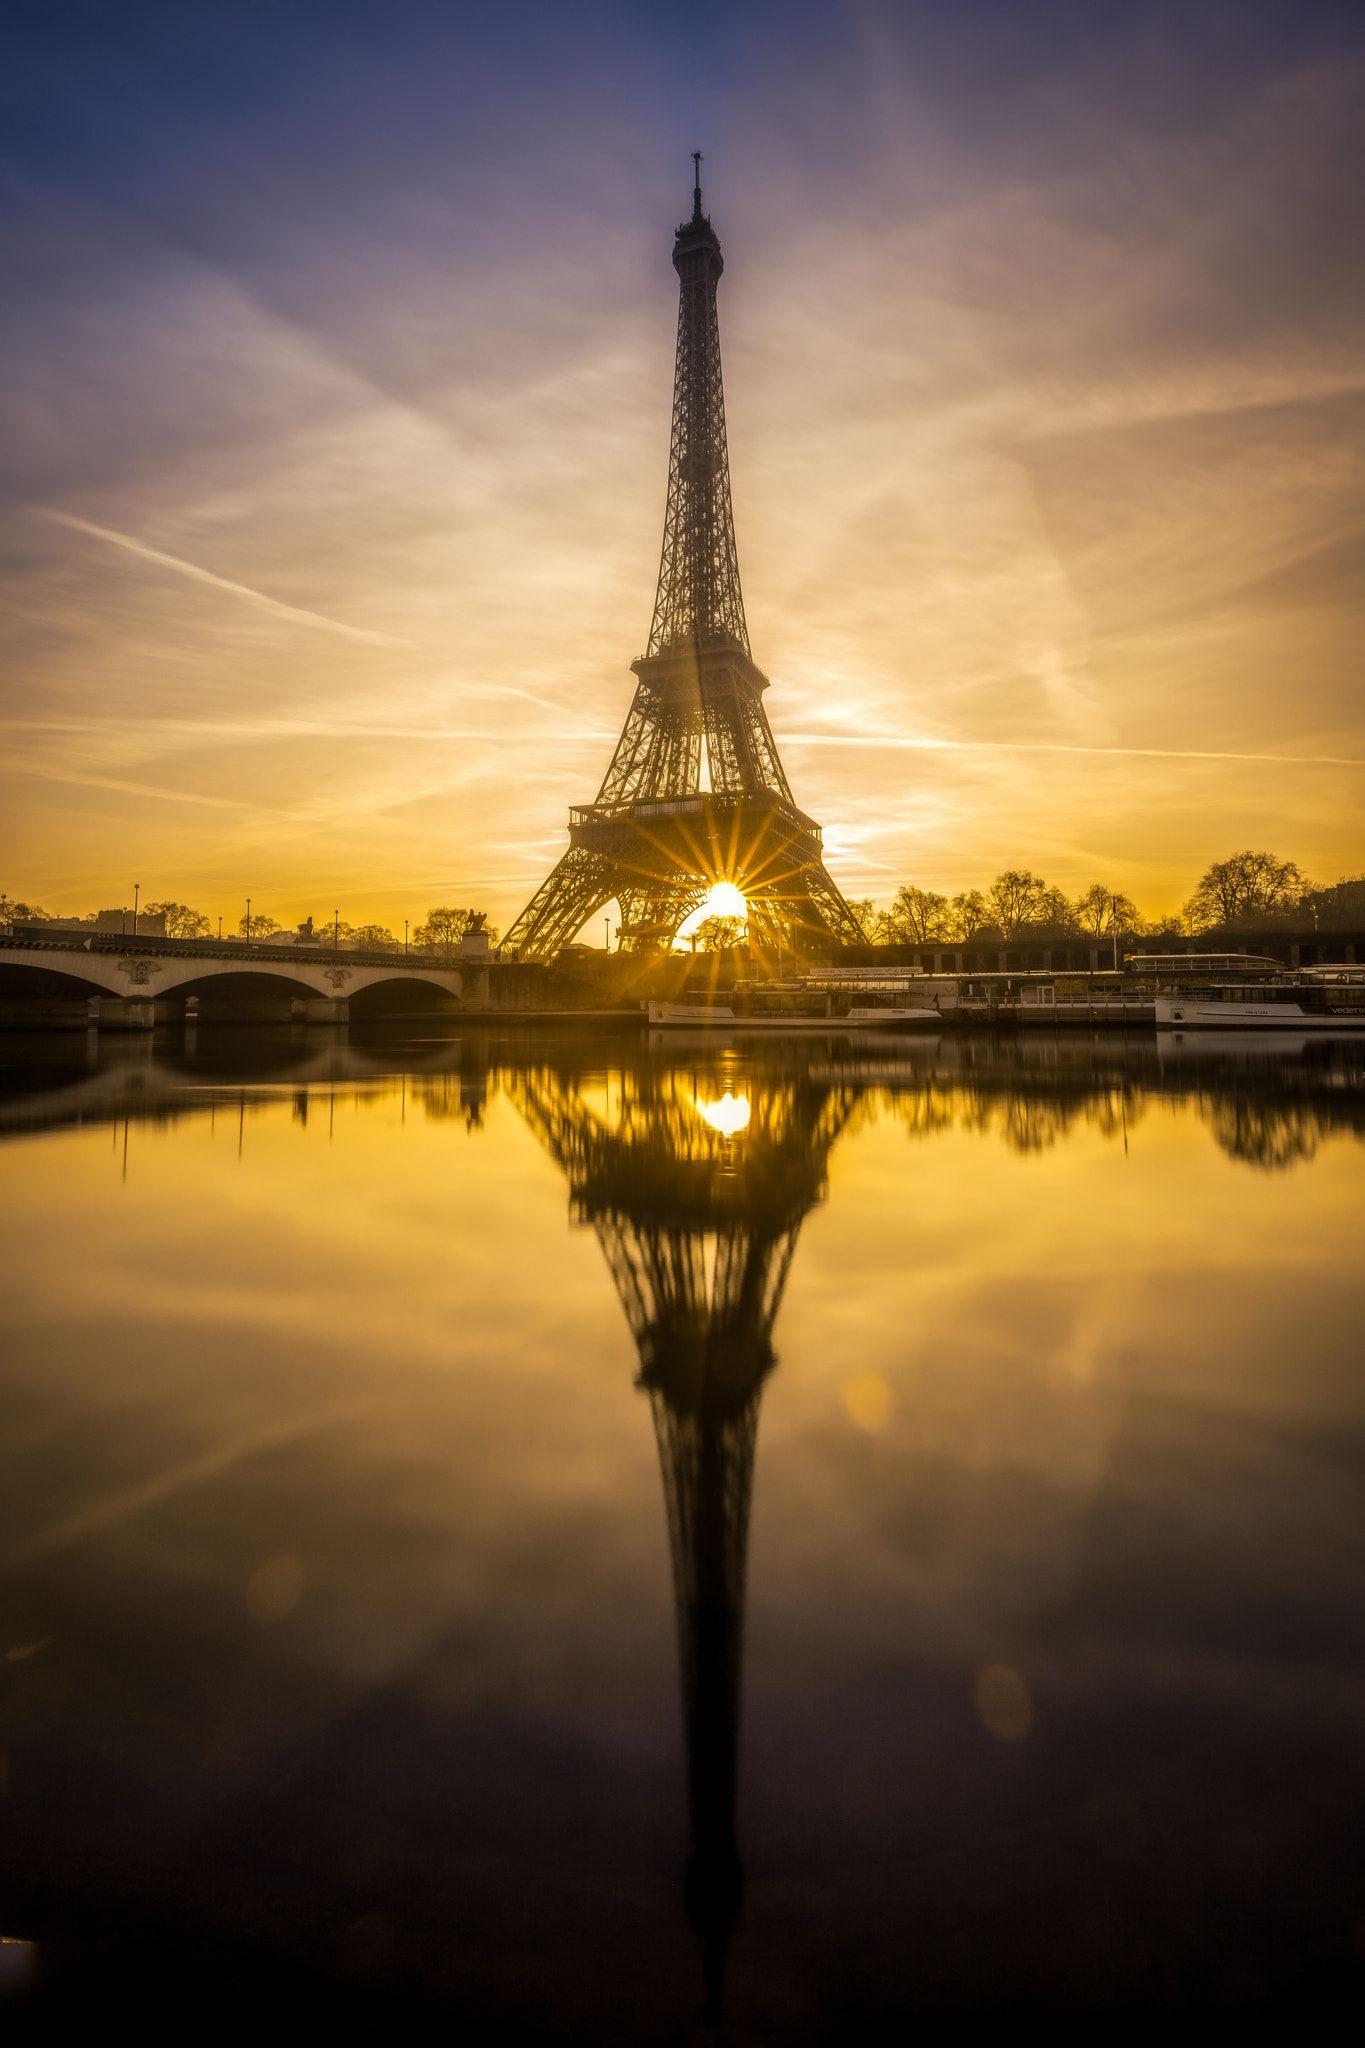 Sunrise on the eiffel tower at paris coucher de soleil sur la tour eiffel paris et mirache - Lever et coucher du soleil paris ...